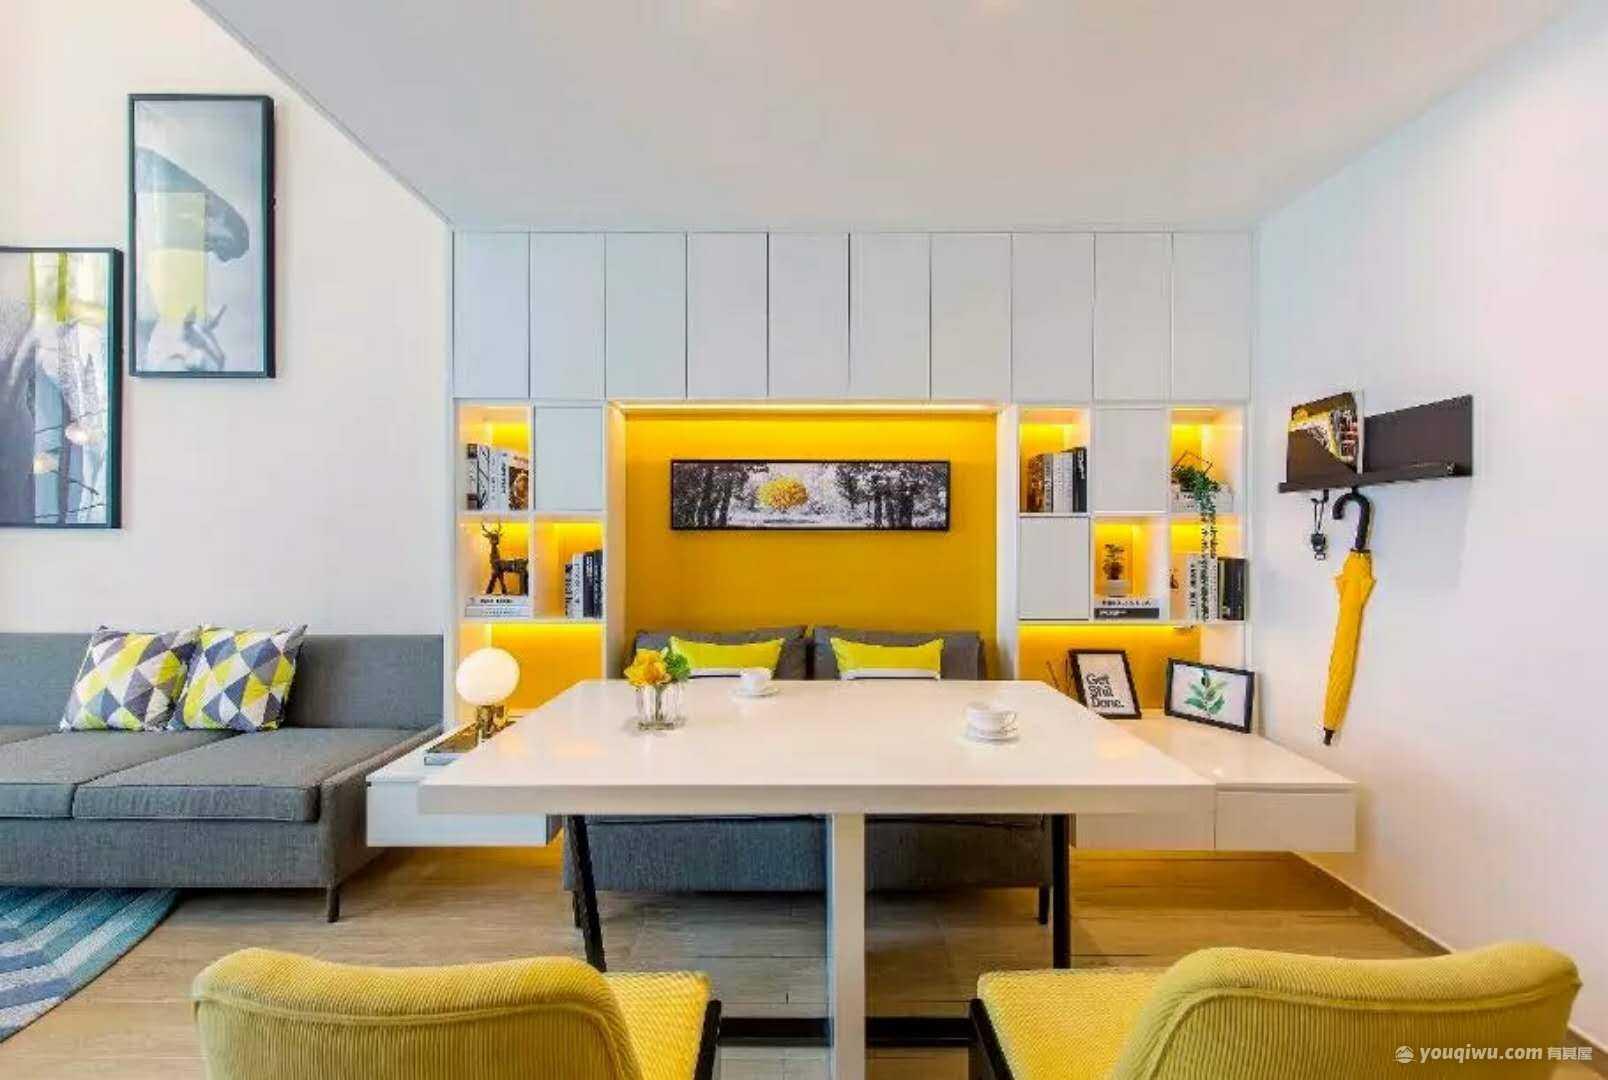 105平方米现代简约风格装修效果图—炬点装饰